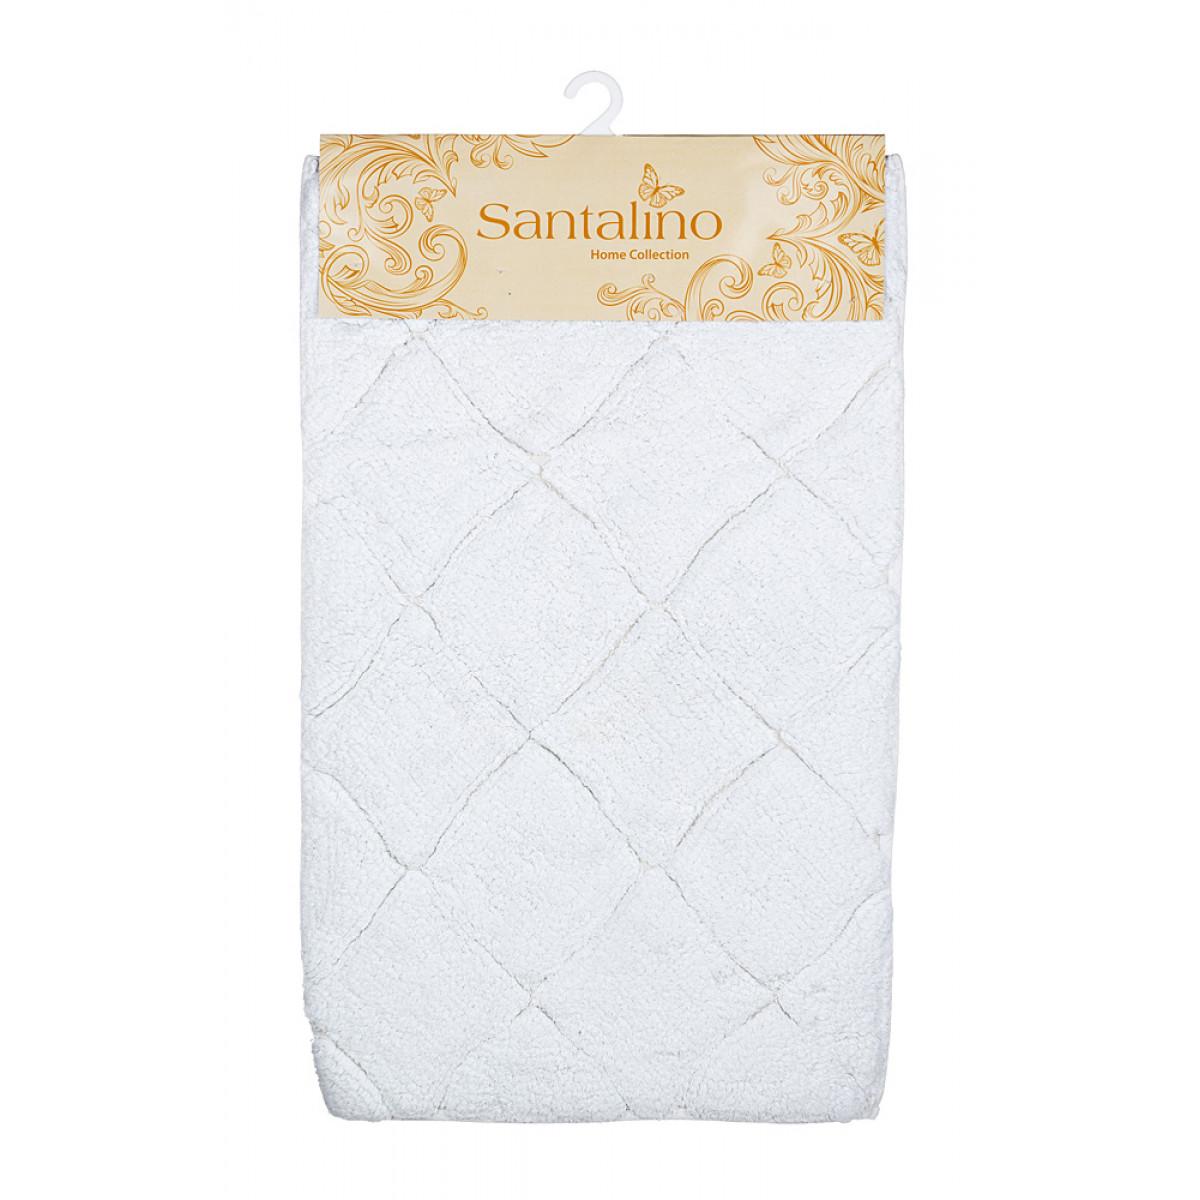 Аксессуары для ванной и туалета Santalino Коврик для ванной Вайт (50х80 см) аксессуары для ванной и туалета santalino коврик для ванной carol 46х75 см